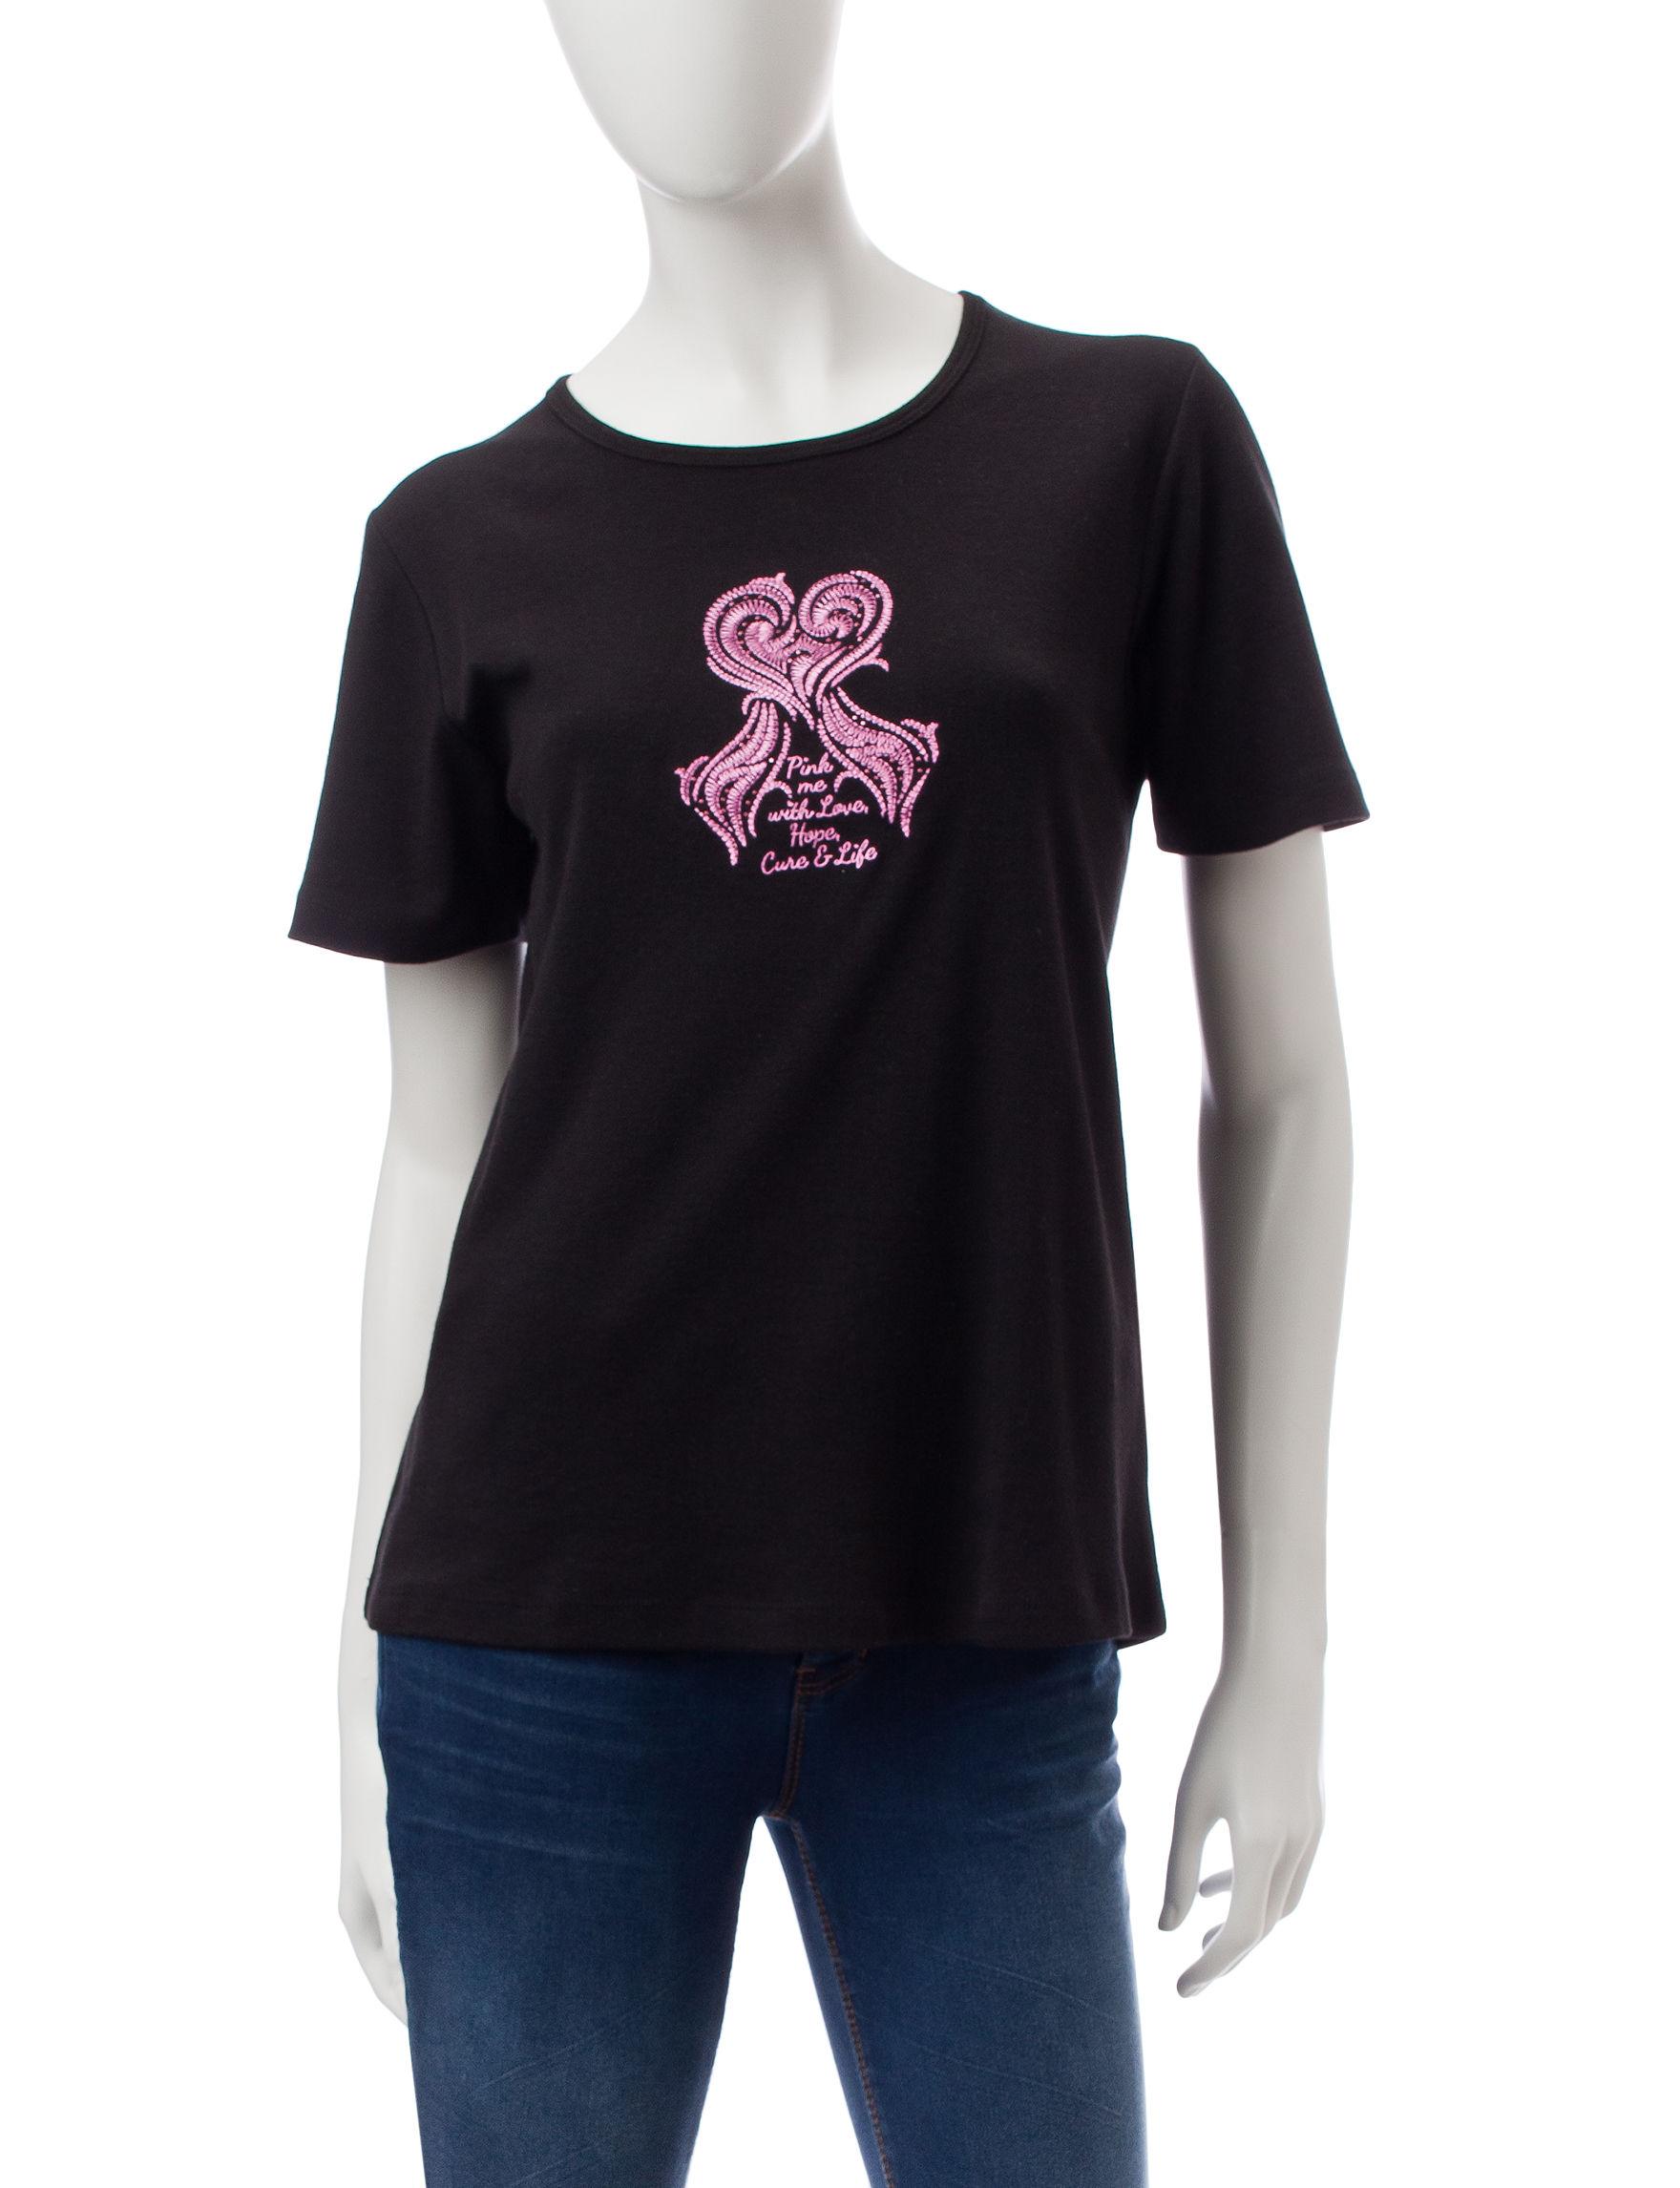 MCcc Sportswear Black Shirts & Blouses